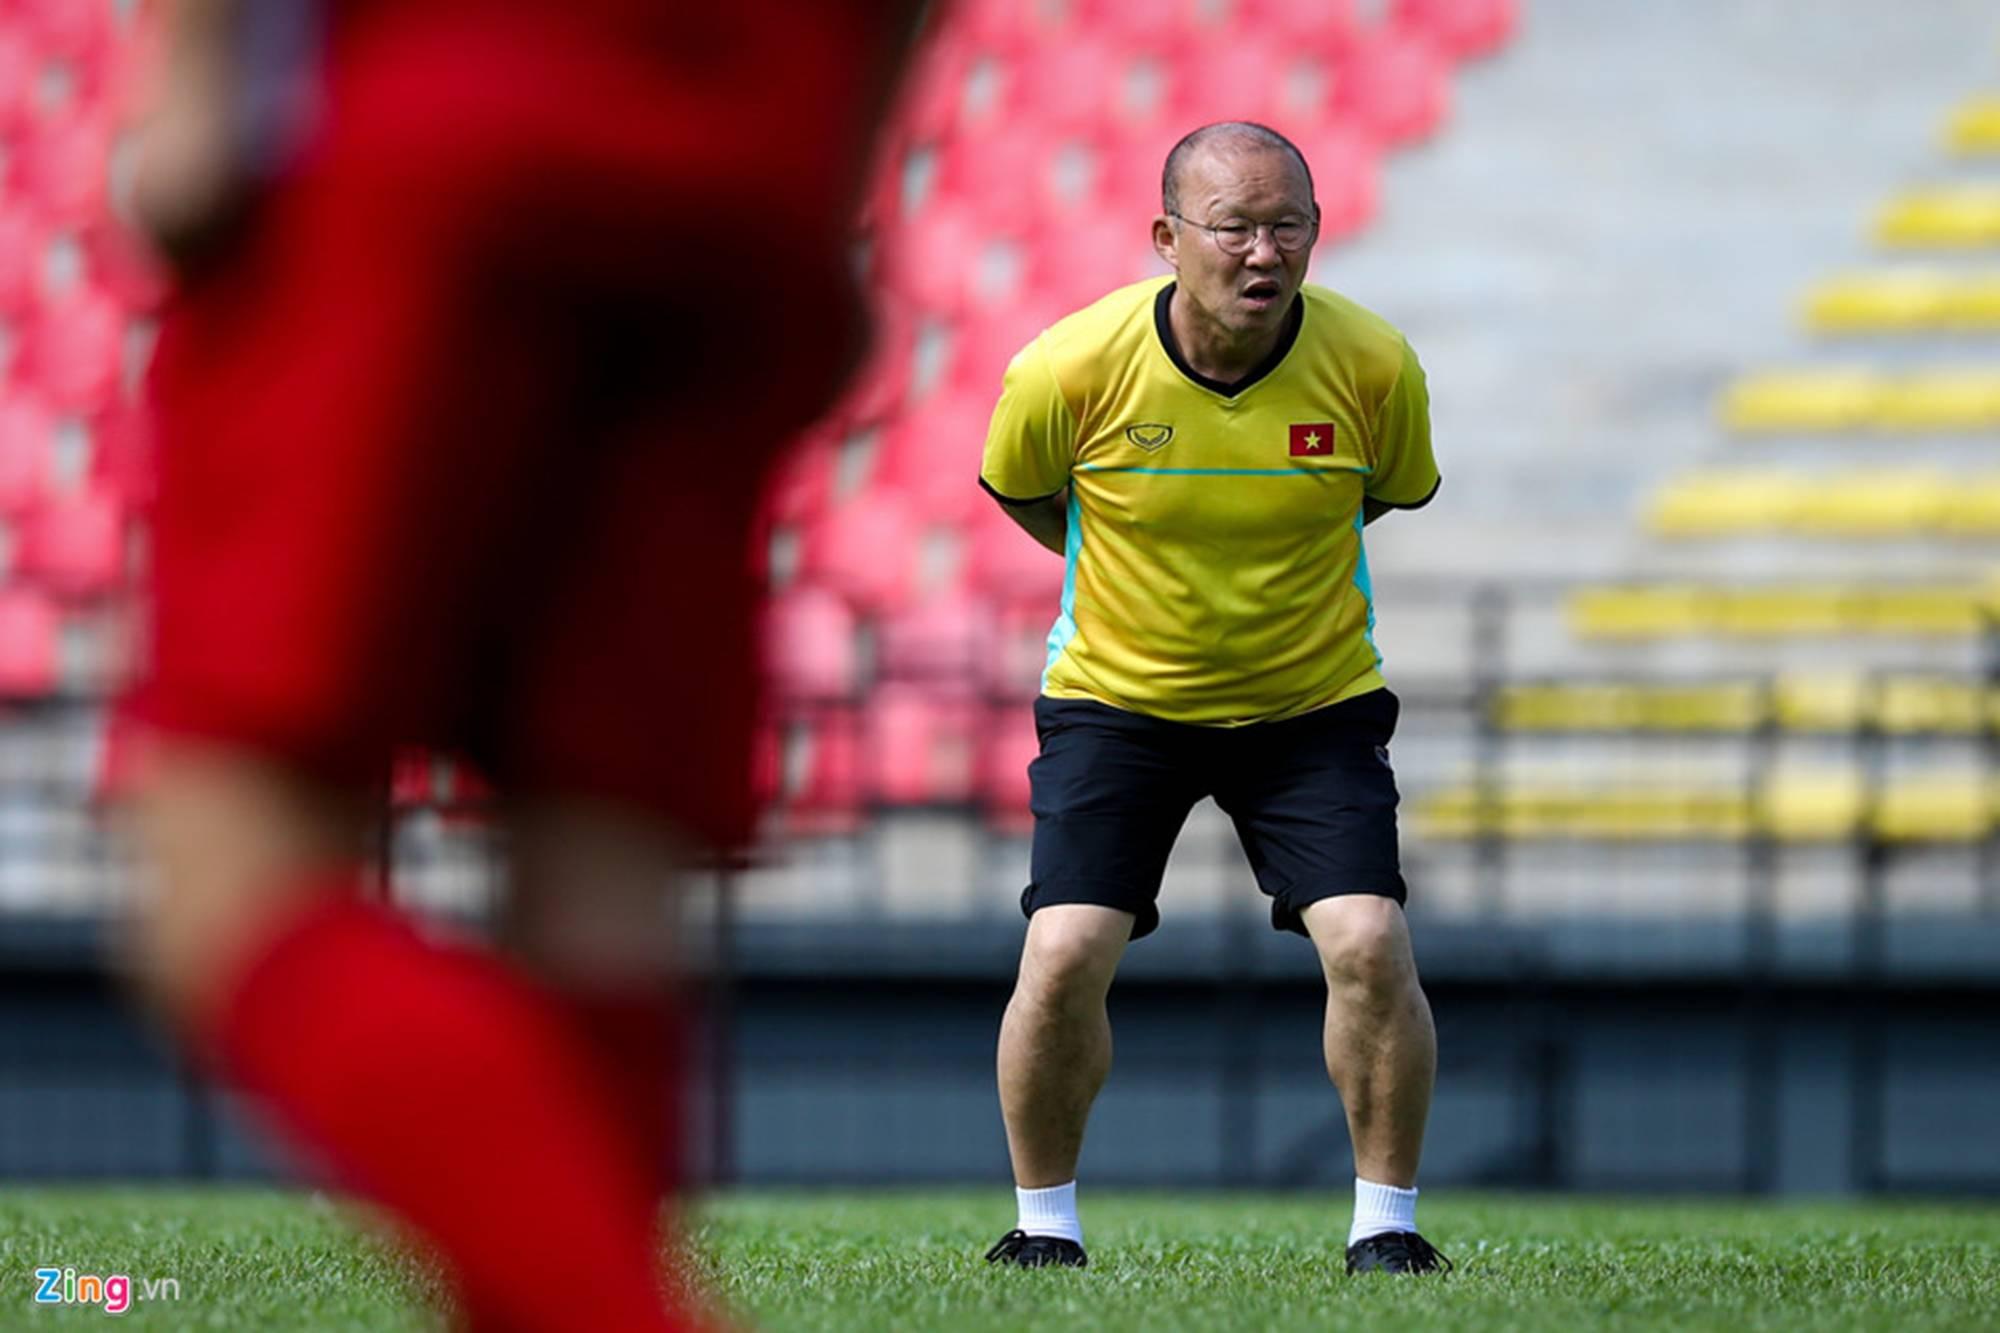 CĐV Malaysia ghi hình lén buổi tập của tuyển Việt Nam-5